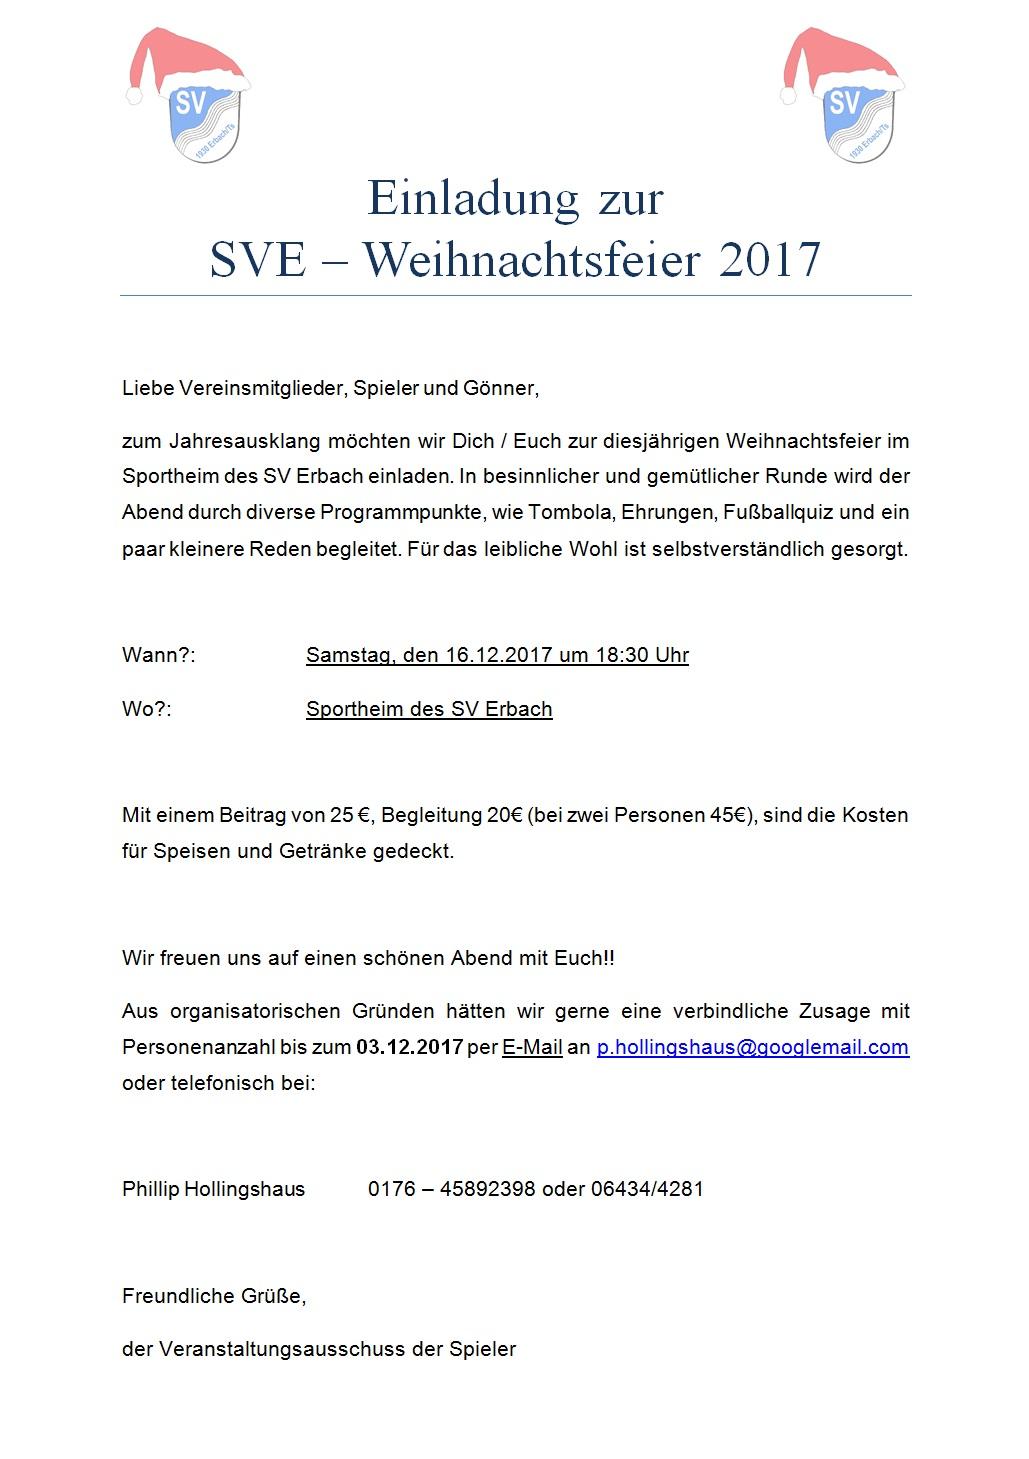 Einladung Weihnachtsfeier Verein.Rede Weihnachtsfeier Verein